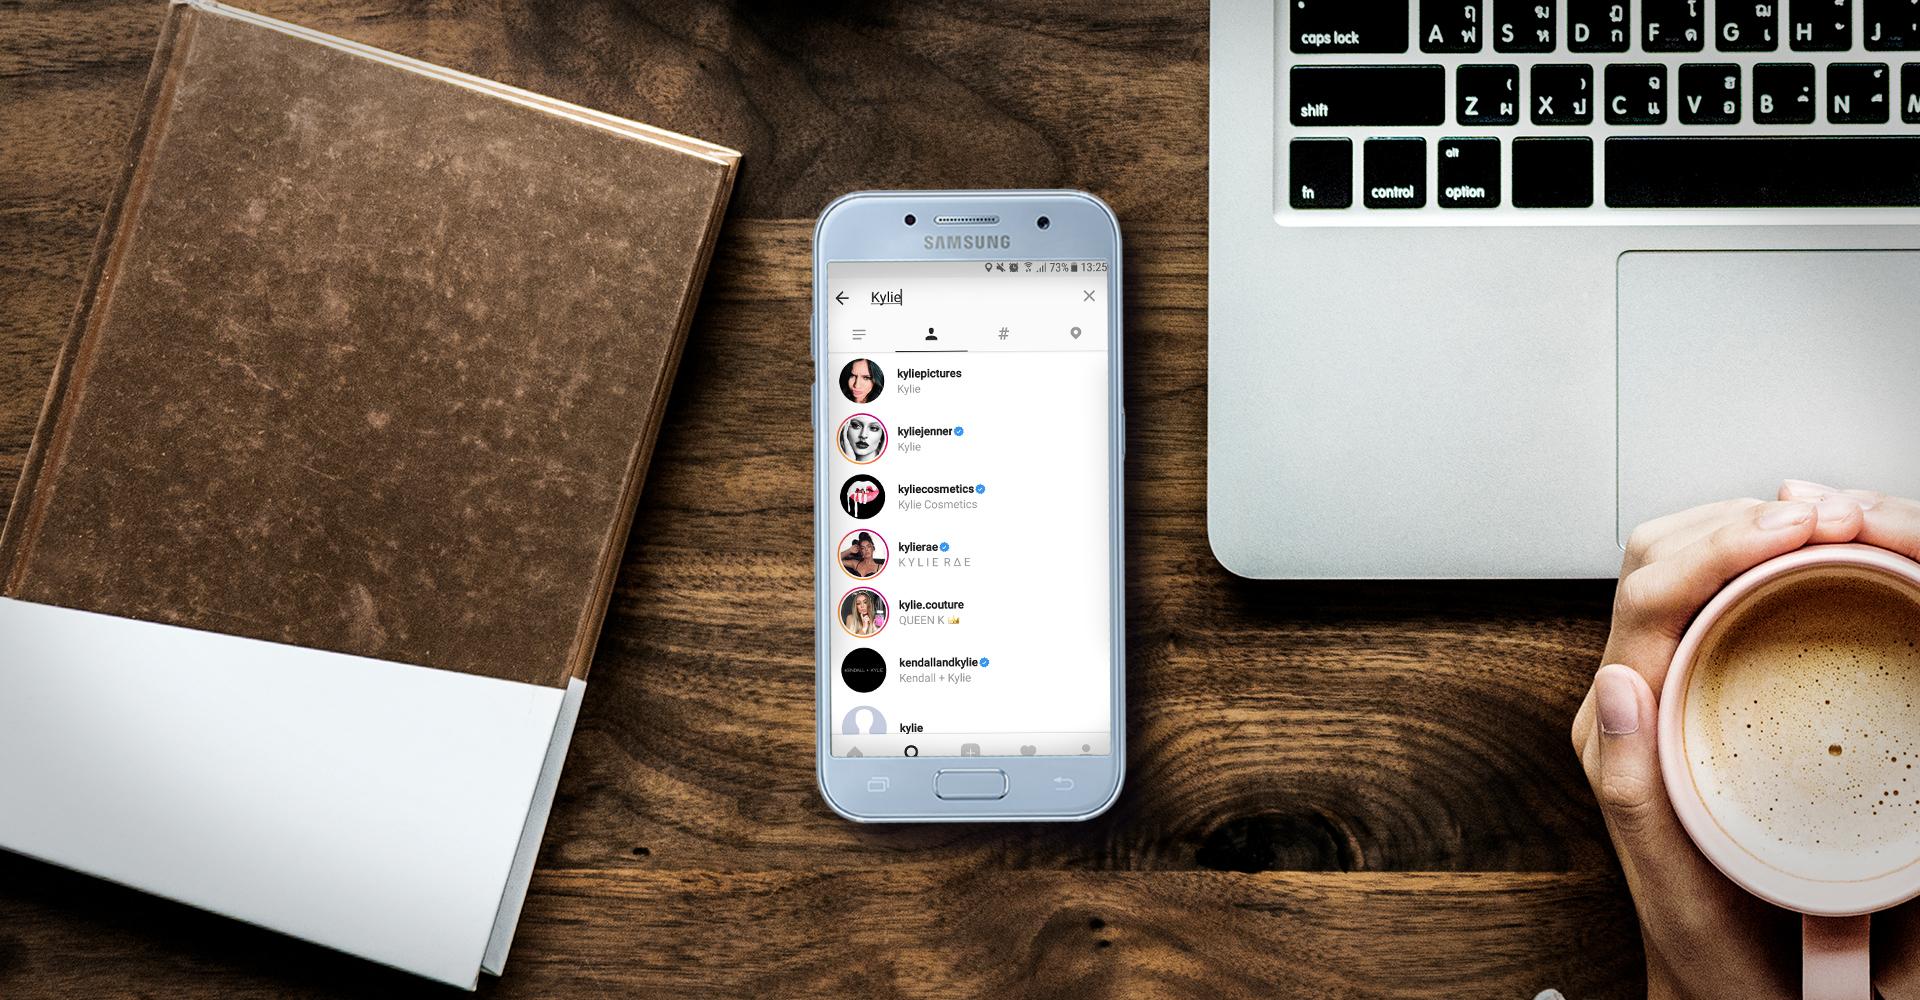 Samsung-Smartphone mit Instagram-Screenshot liegt neben dem Laptop auf dem Schreibtisch.